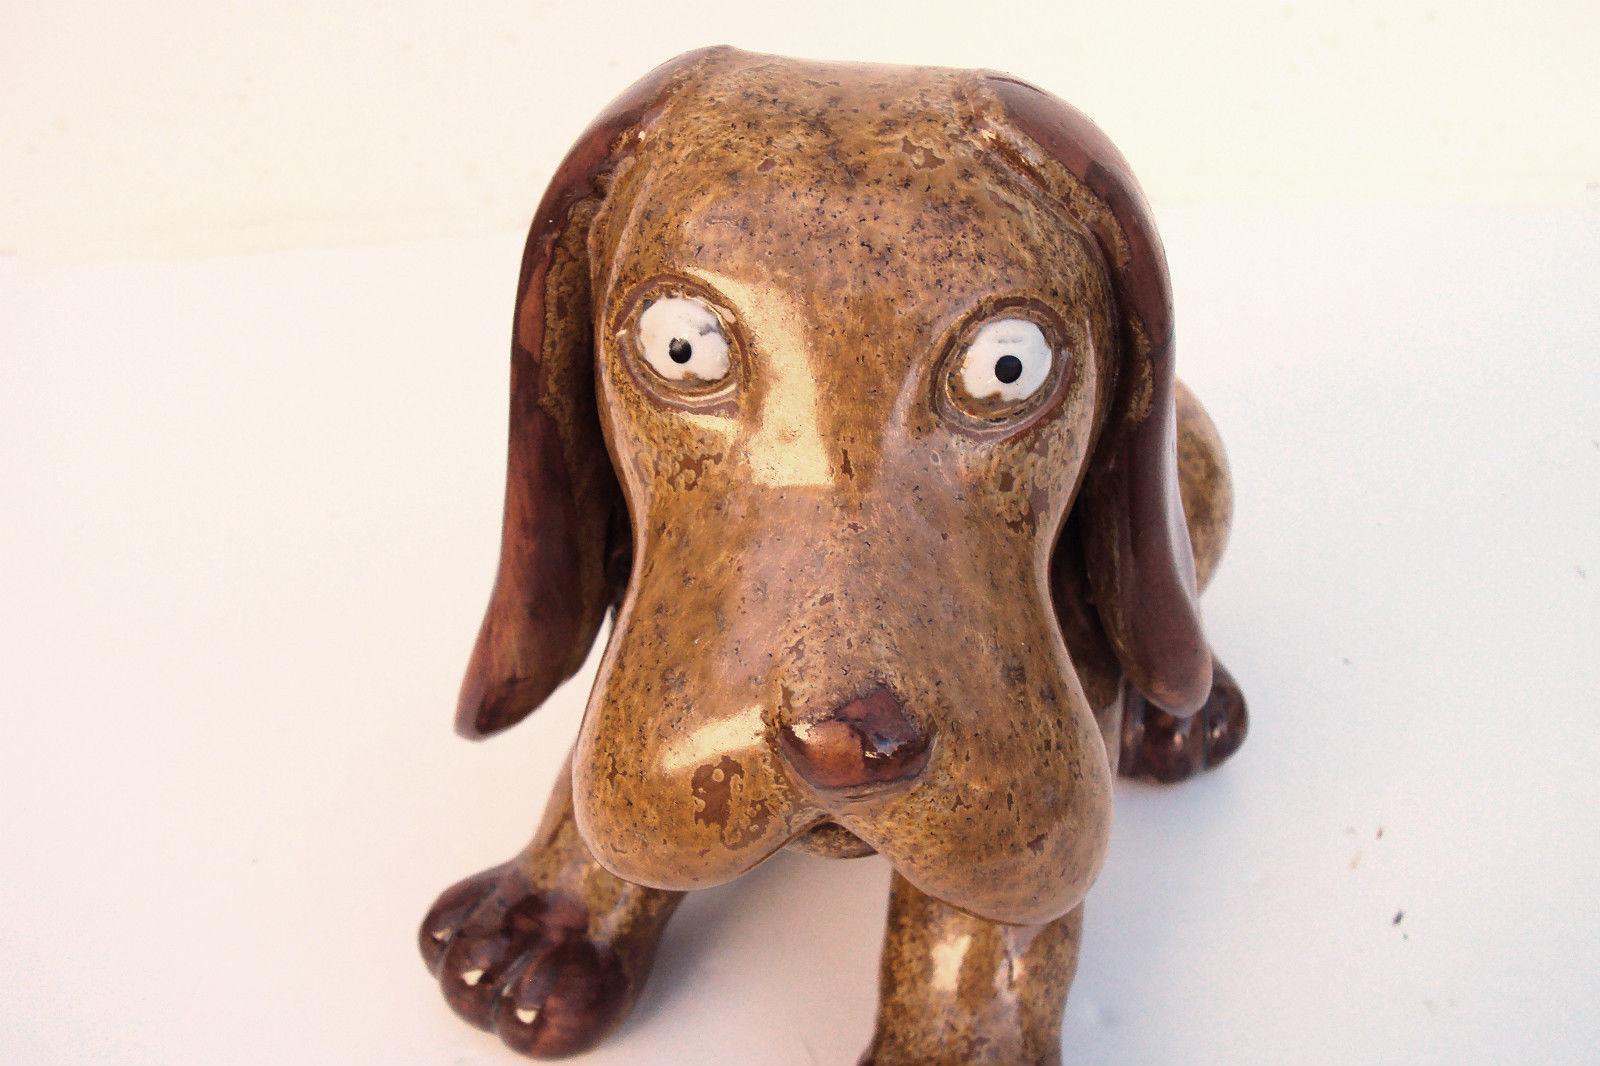 Vintage Porcelain Bloodhound Puppy Dog Statue Sculpture Figurine Figure